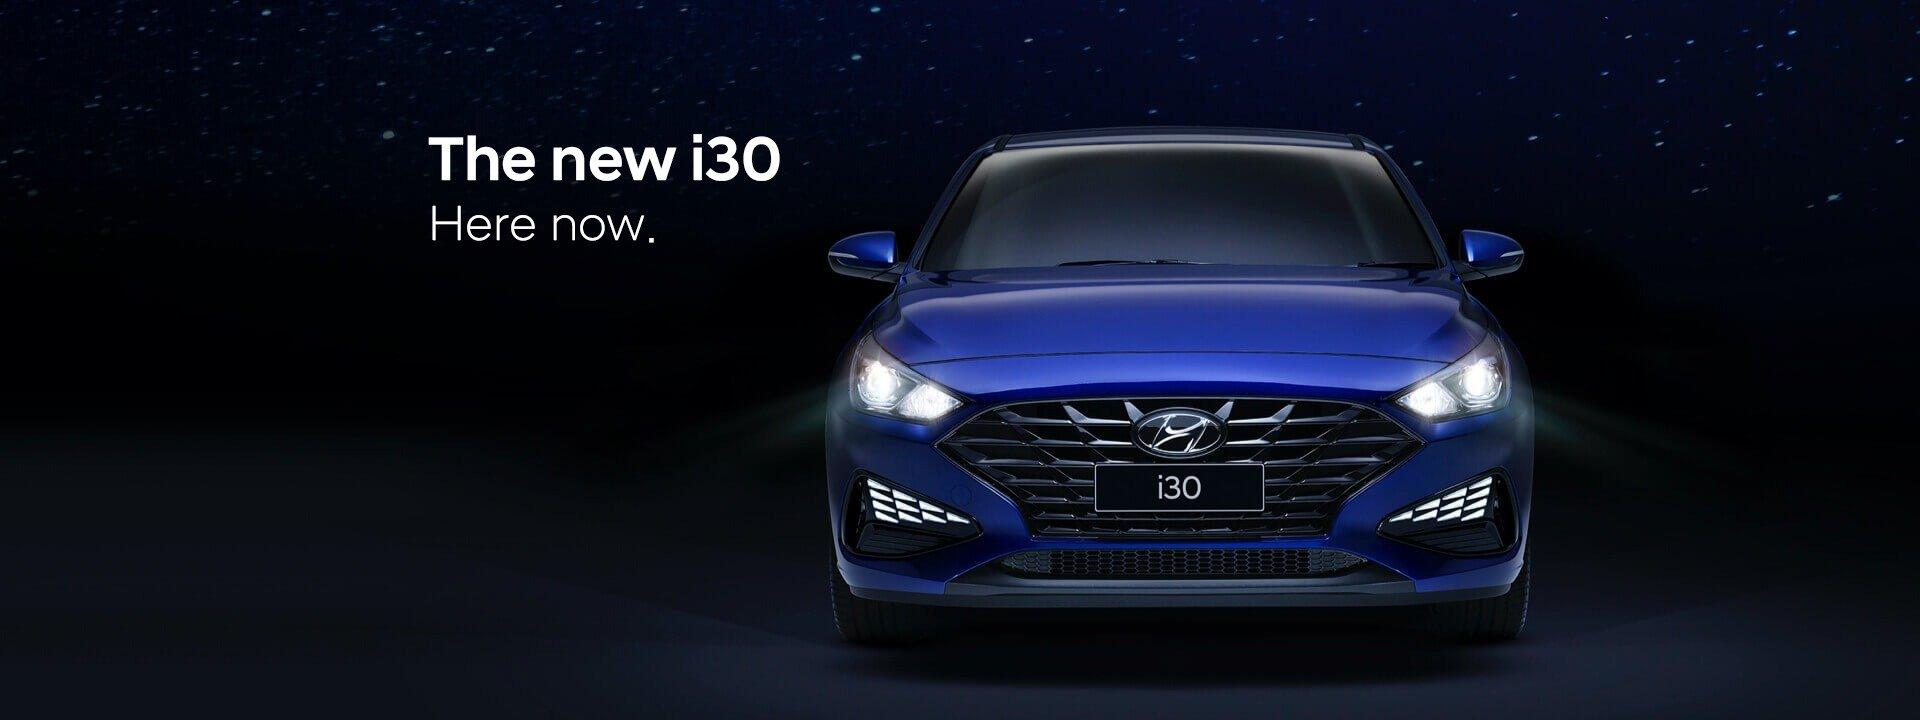 Mandurah-Hyundai-New-i30-Here-Now